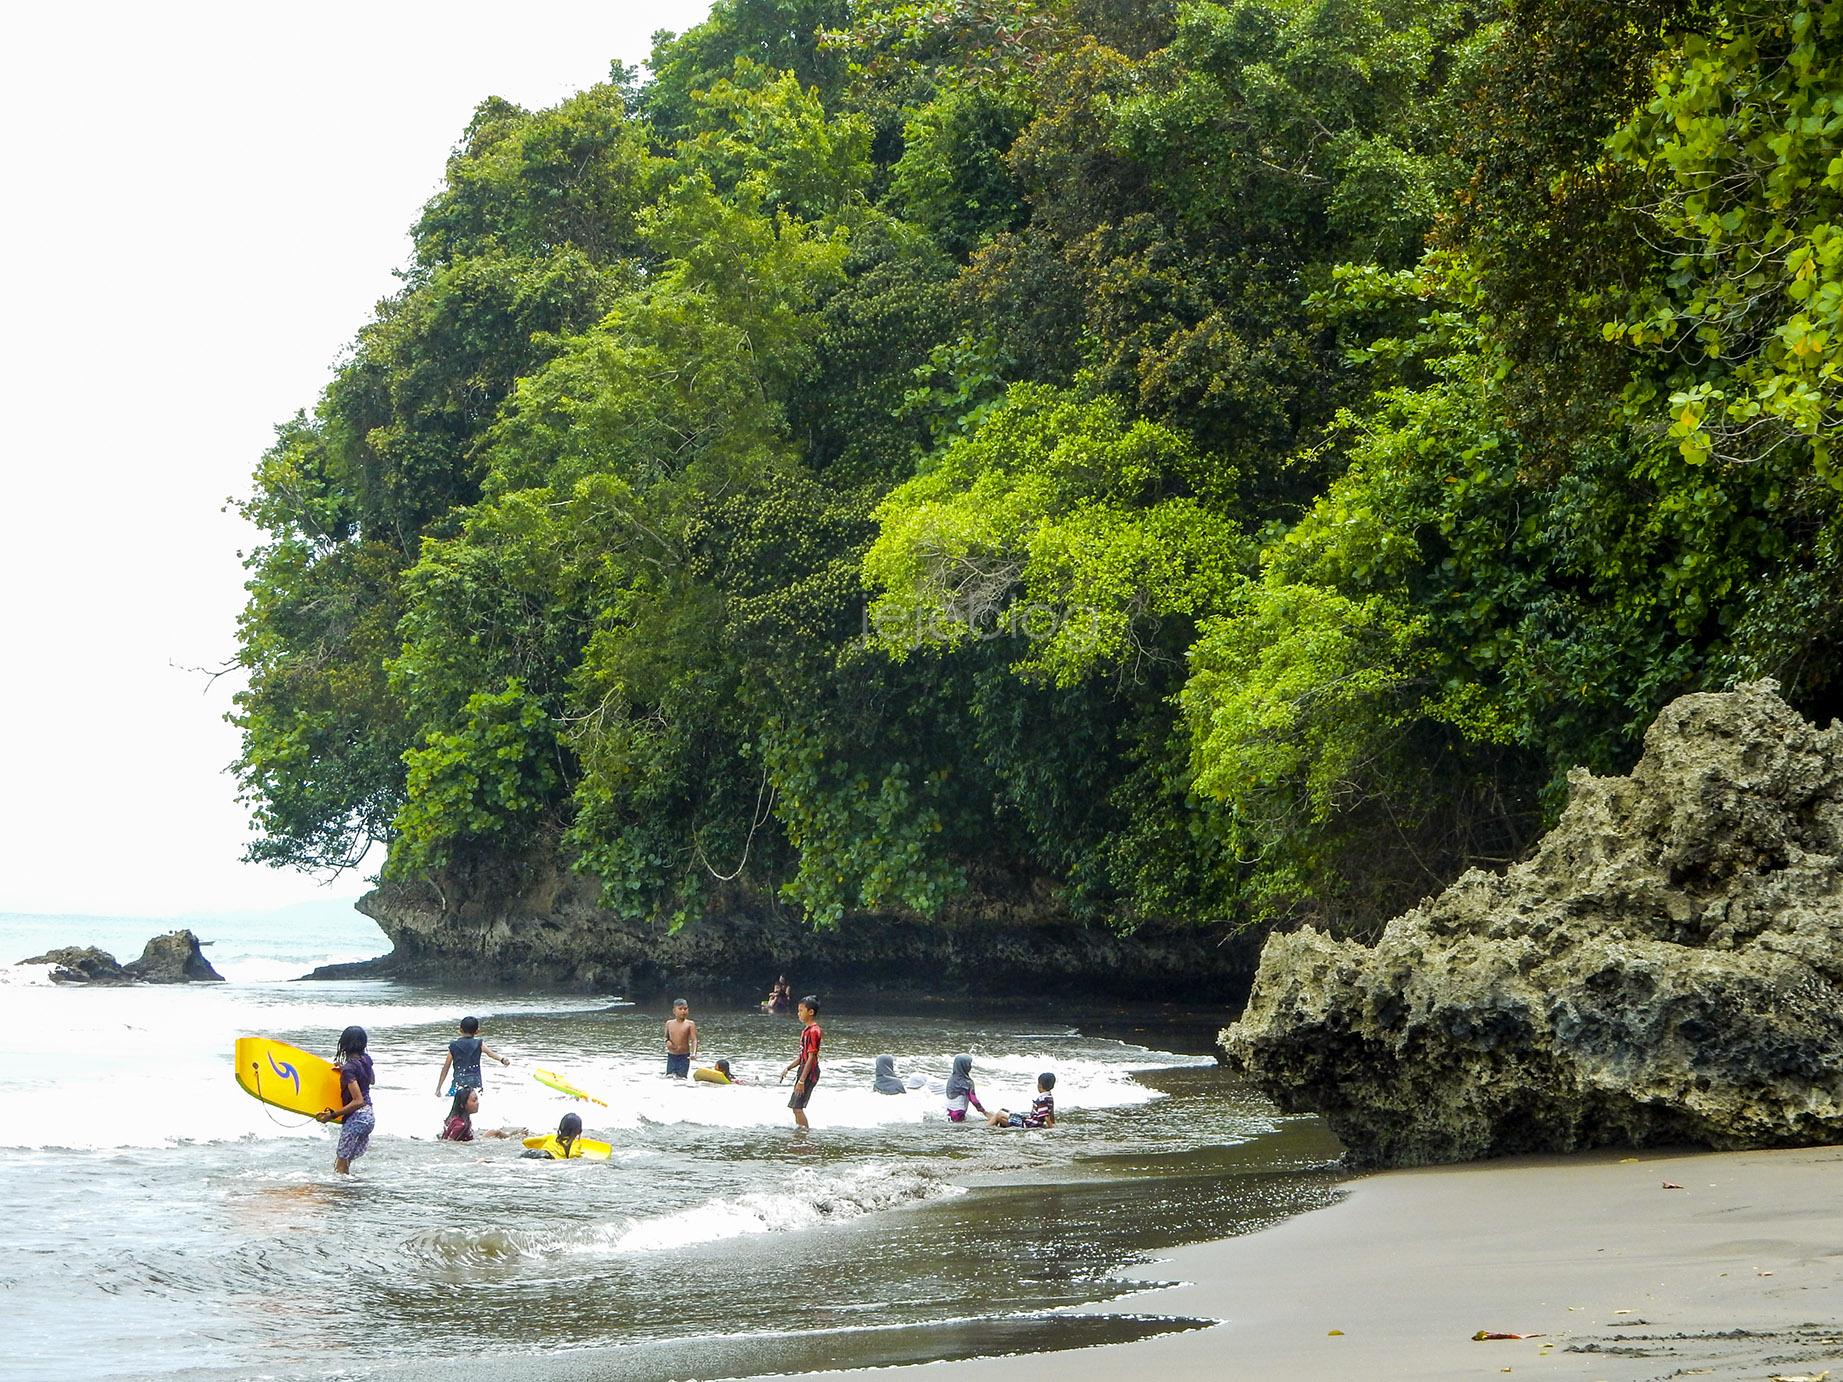 surfing di area pantai batukaras